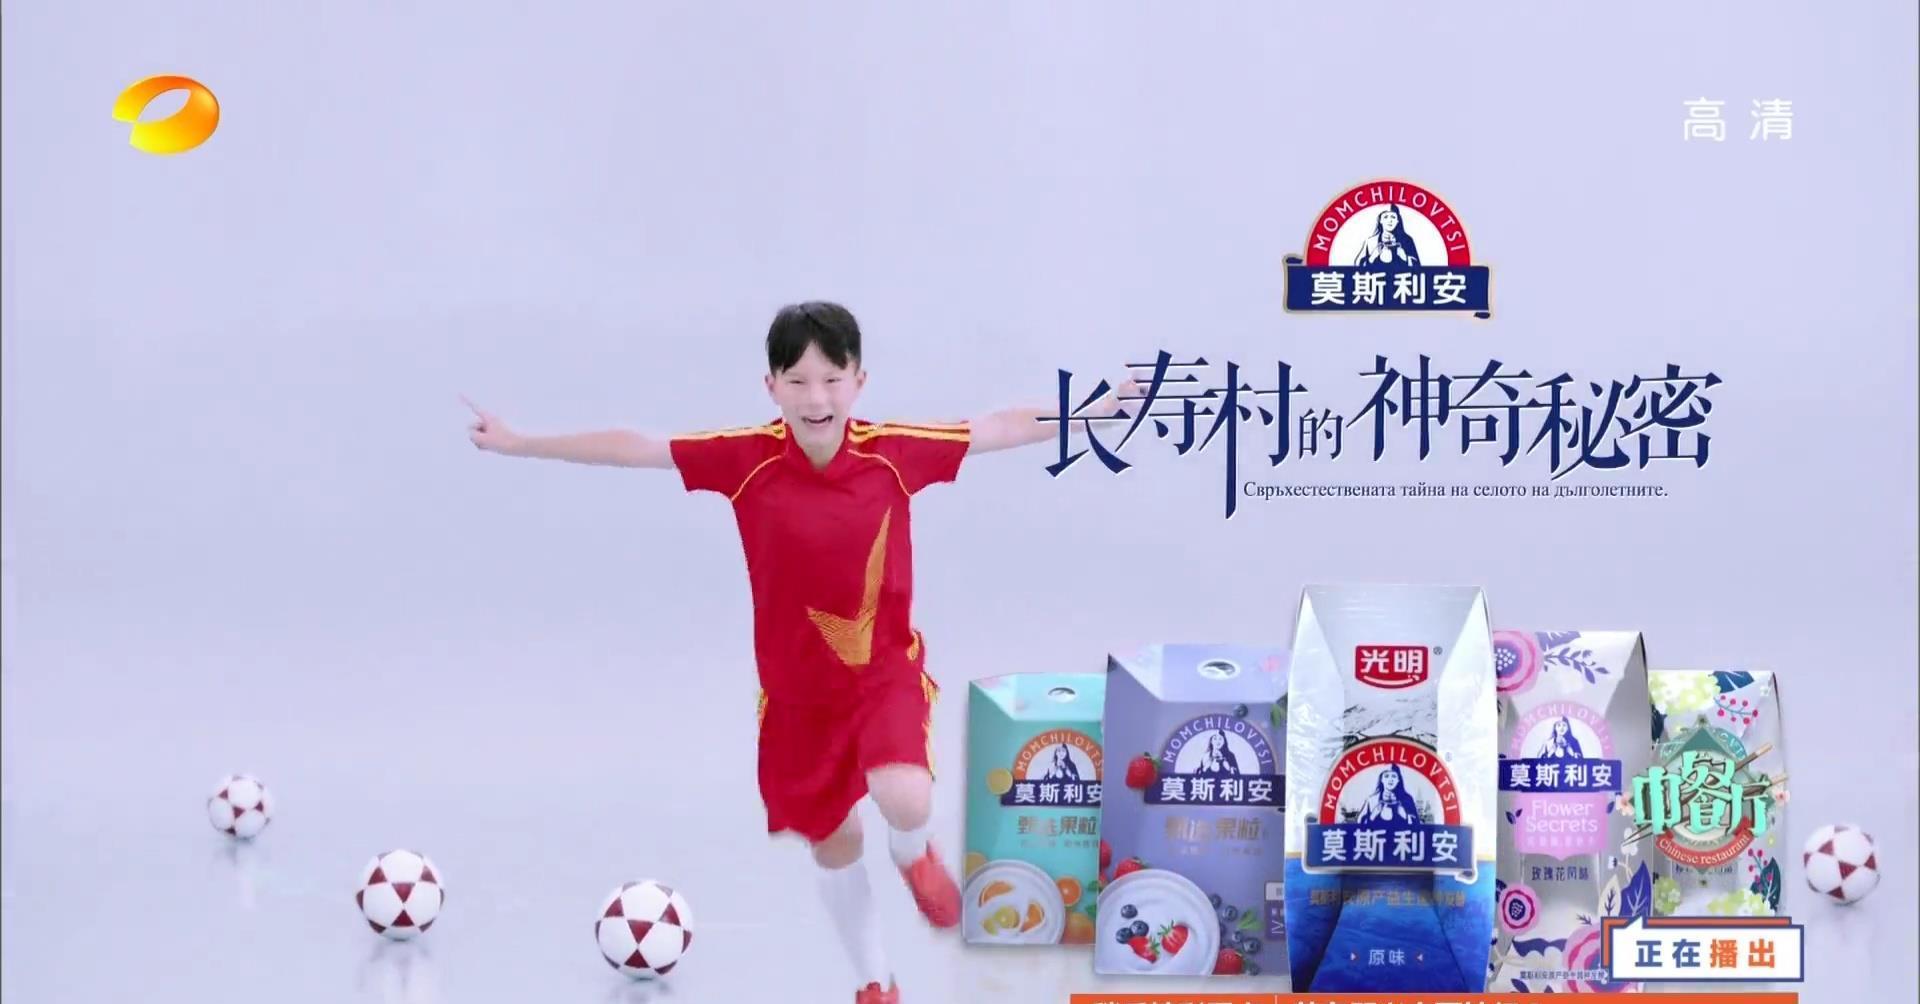 光明广告登陆湖南卫视新赞助中餐厅图片